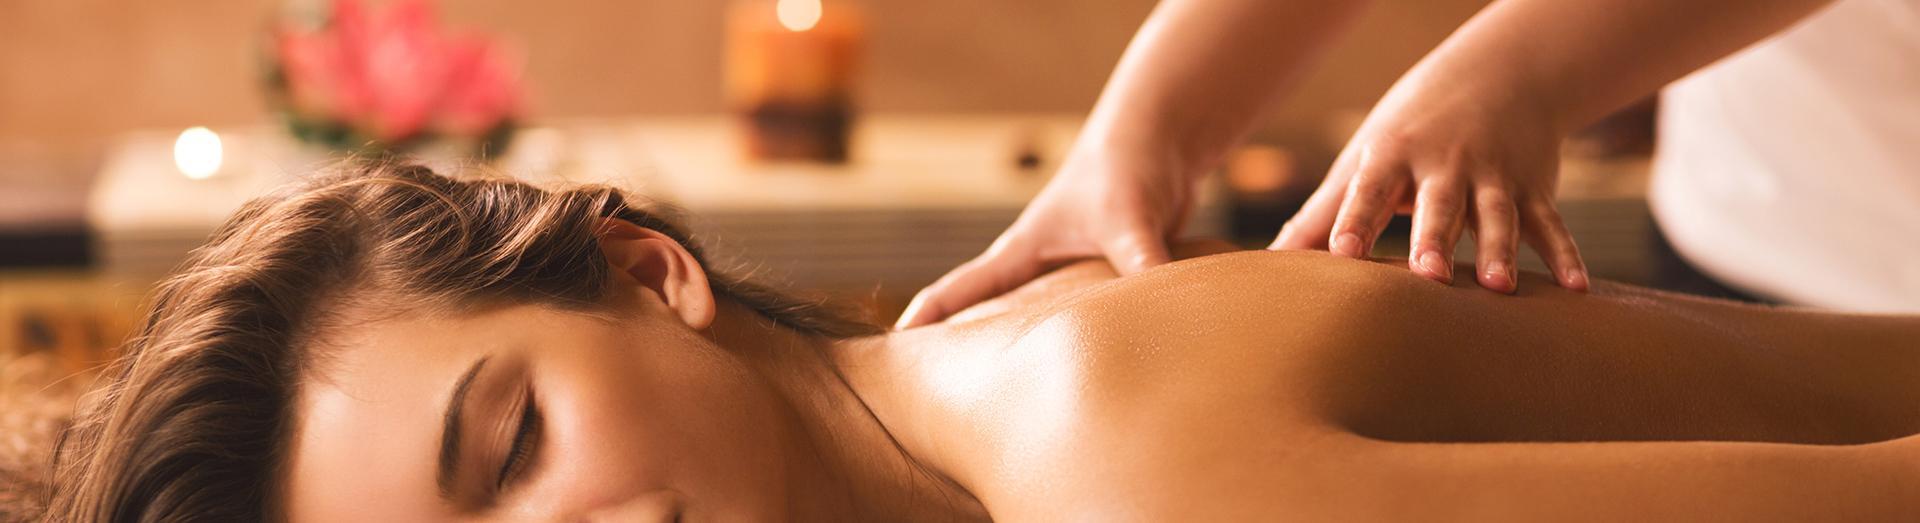 due mani mentre massaggiano la schiena di una donna